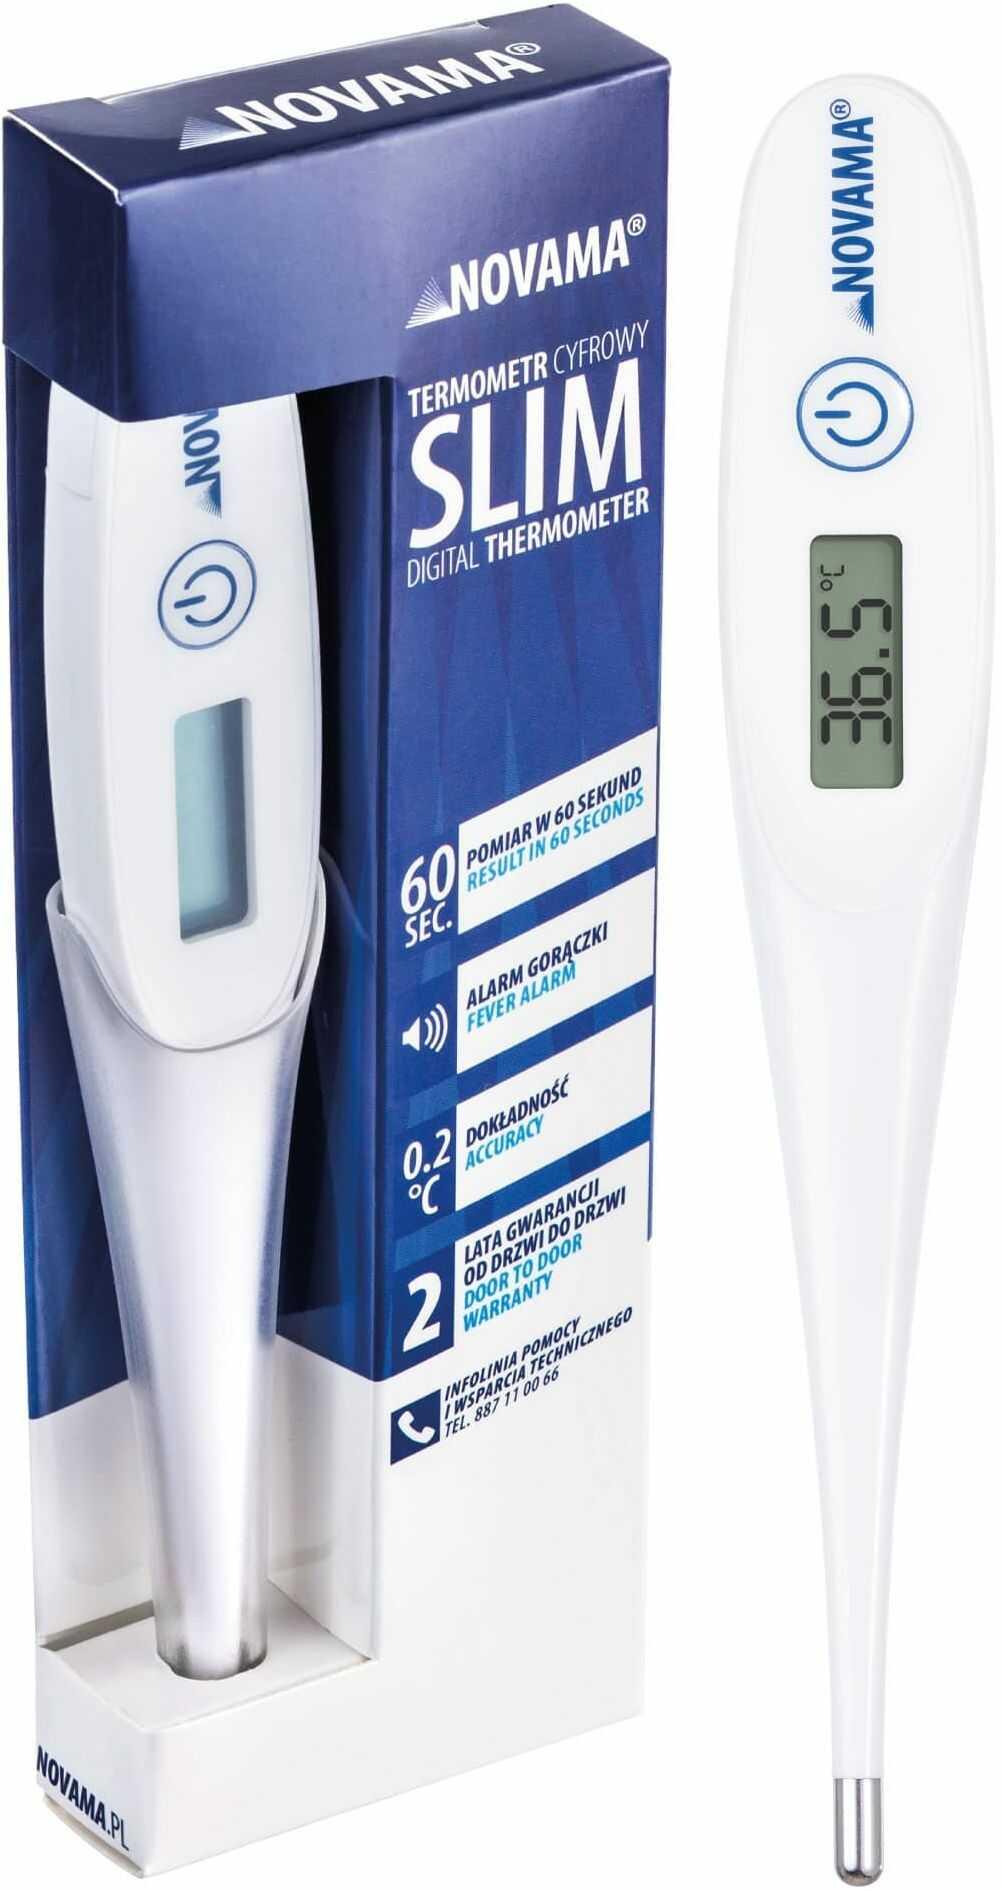 Termometr elektroniczny NOVAMA SLIM Nowoczesny termometr elektroniczny